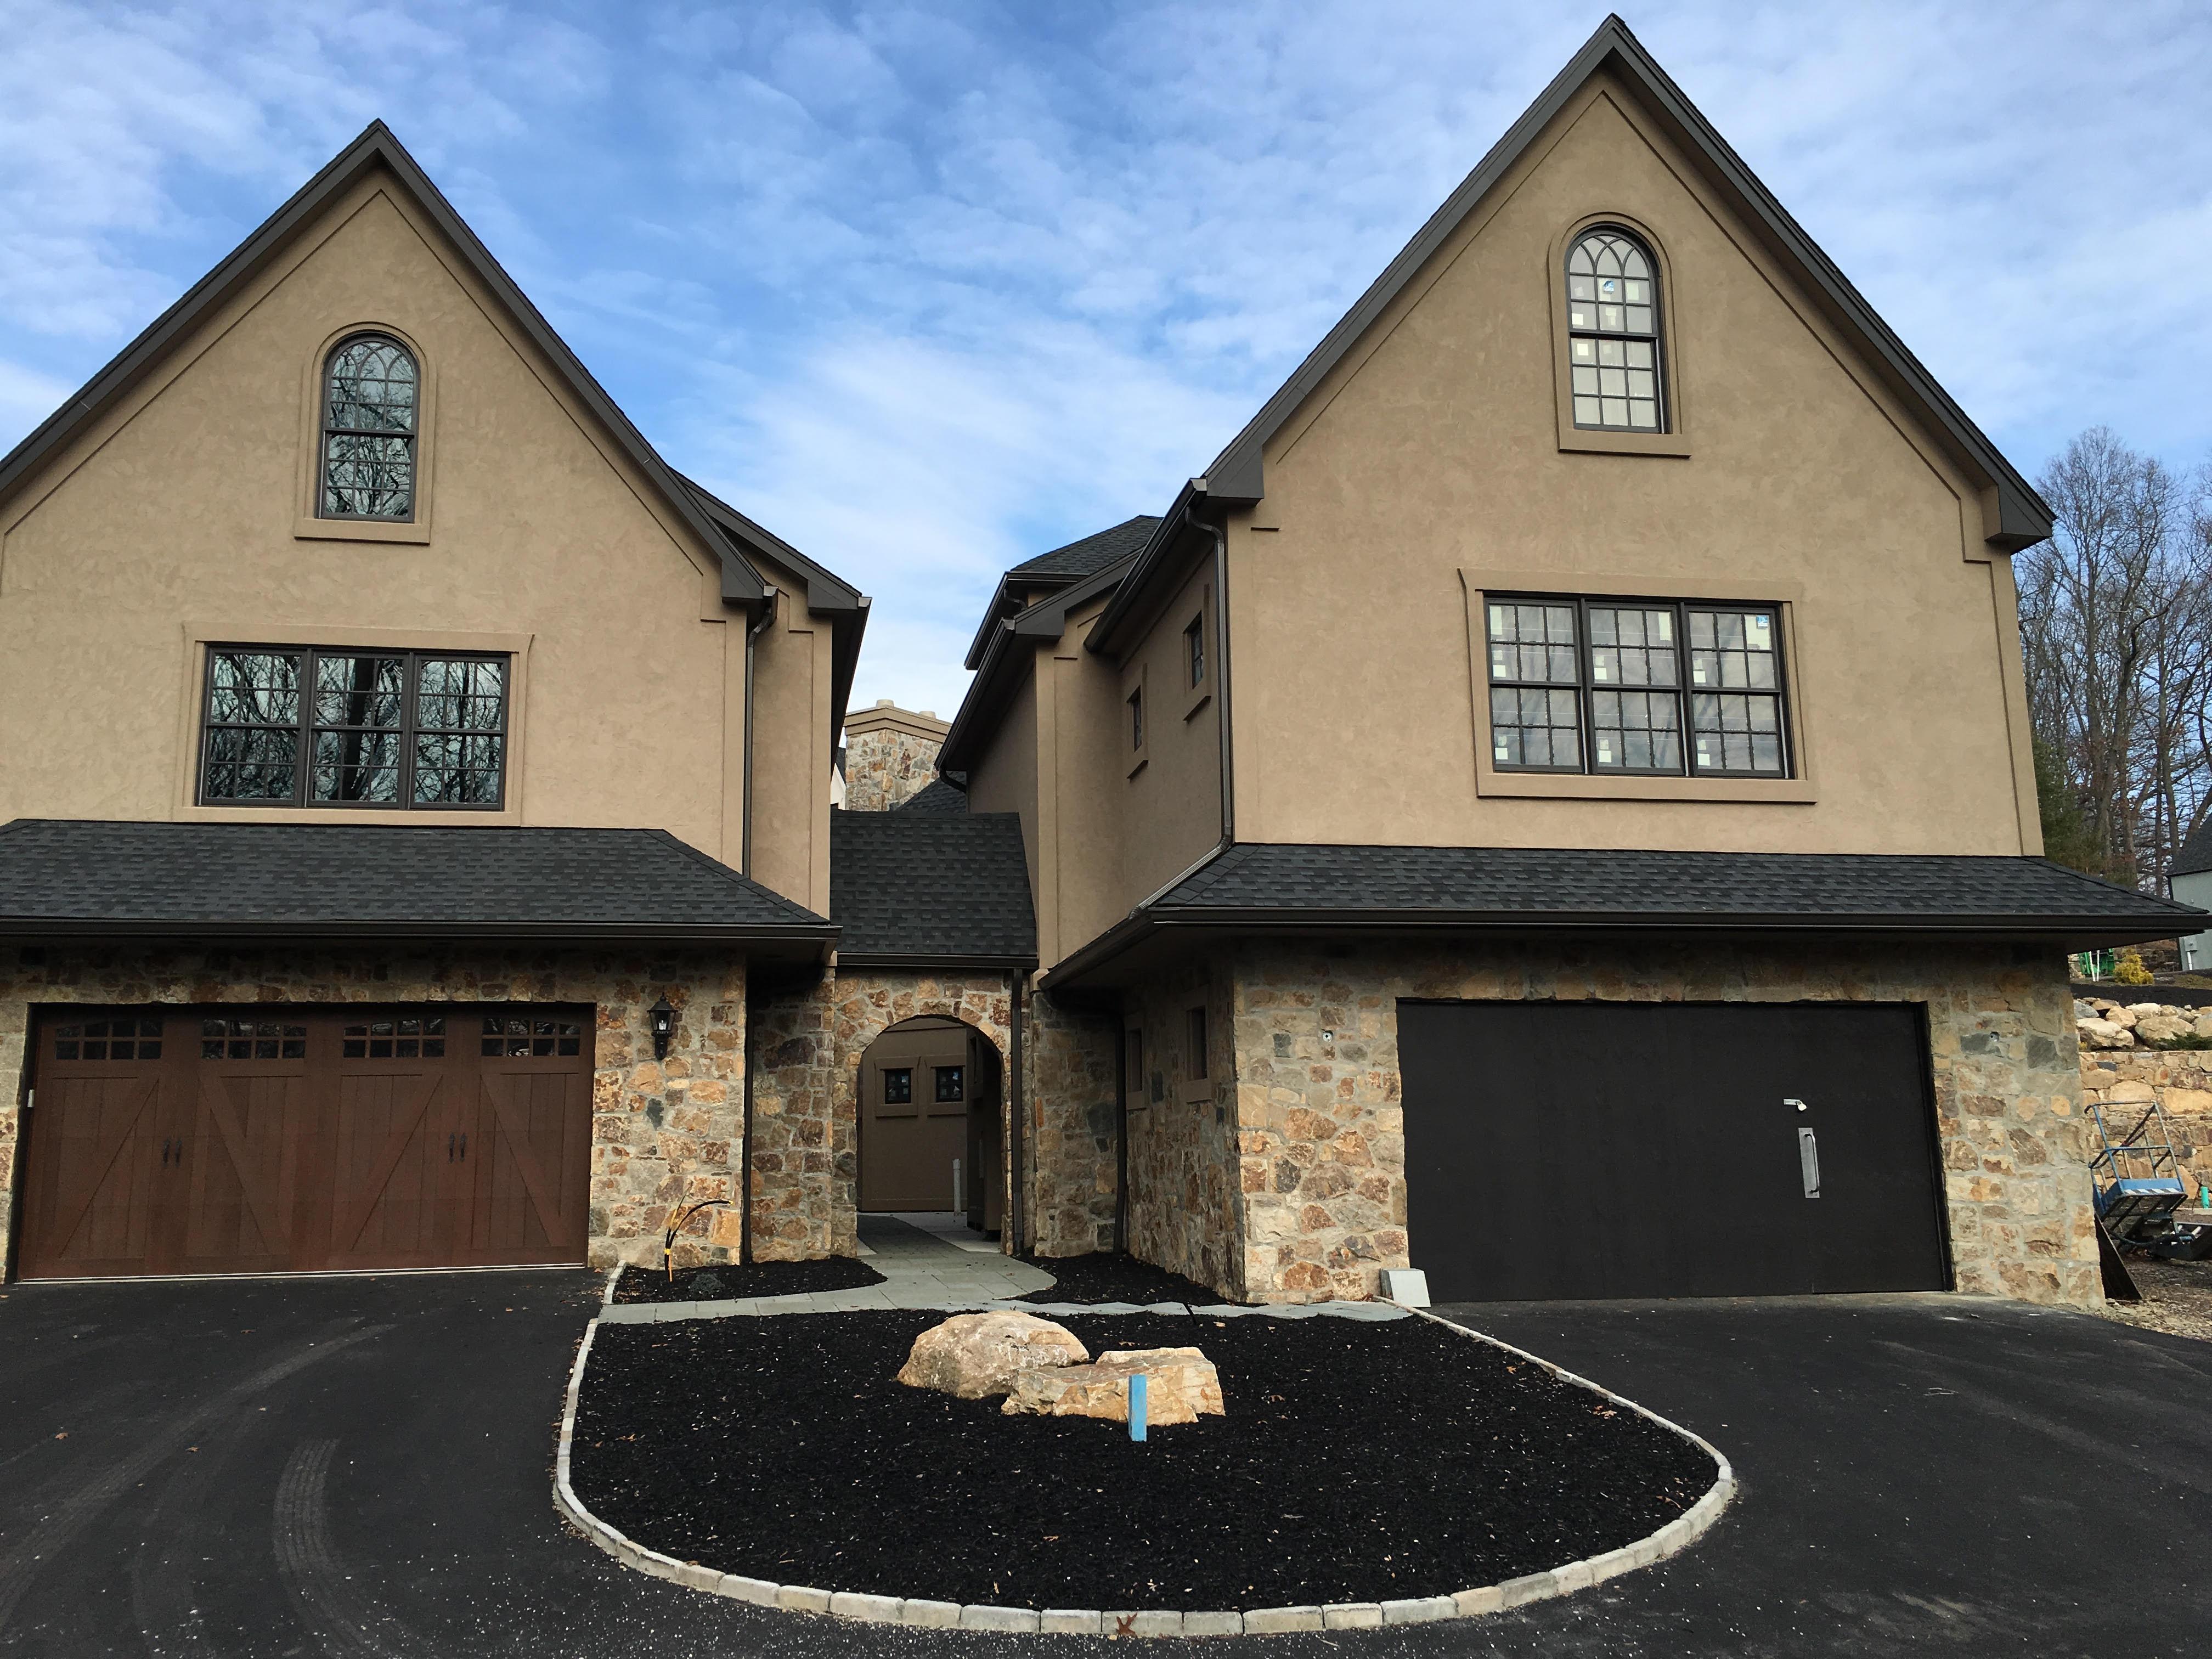 共管式独立产权公寓 为 销售 在 2620 Boston Post Rd Unit 3 吉尔福德, 康涅狄格州, 06437 美国